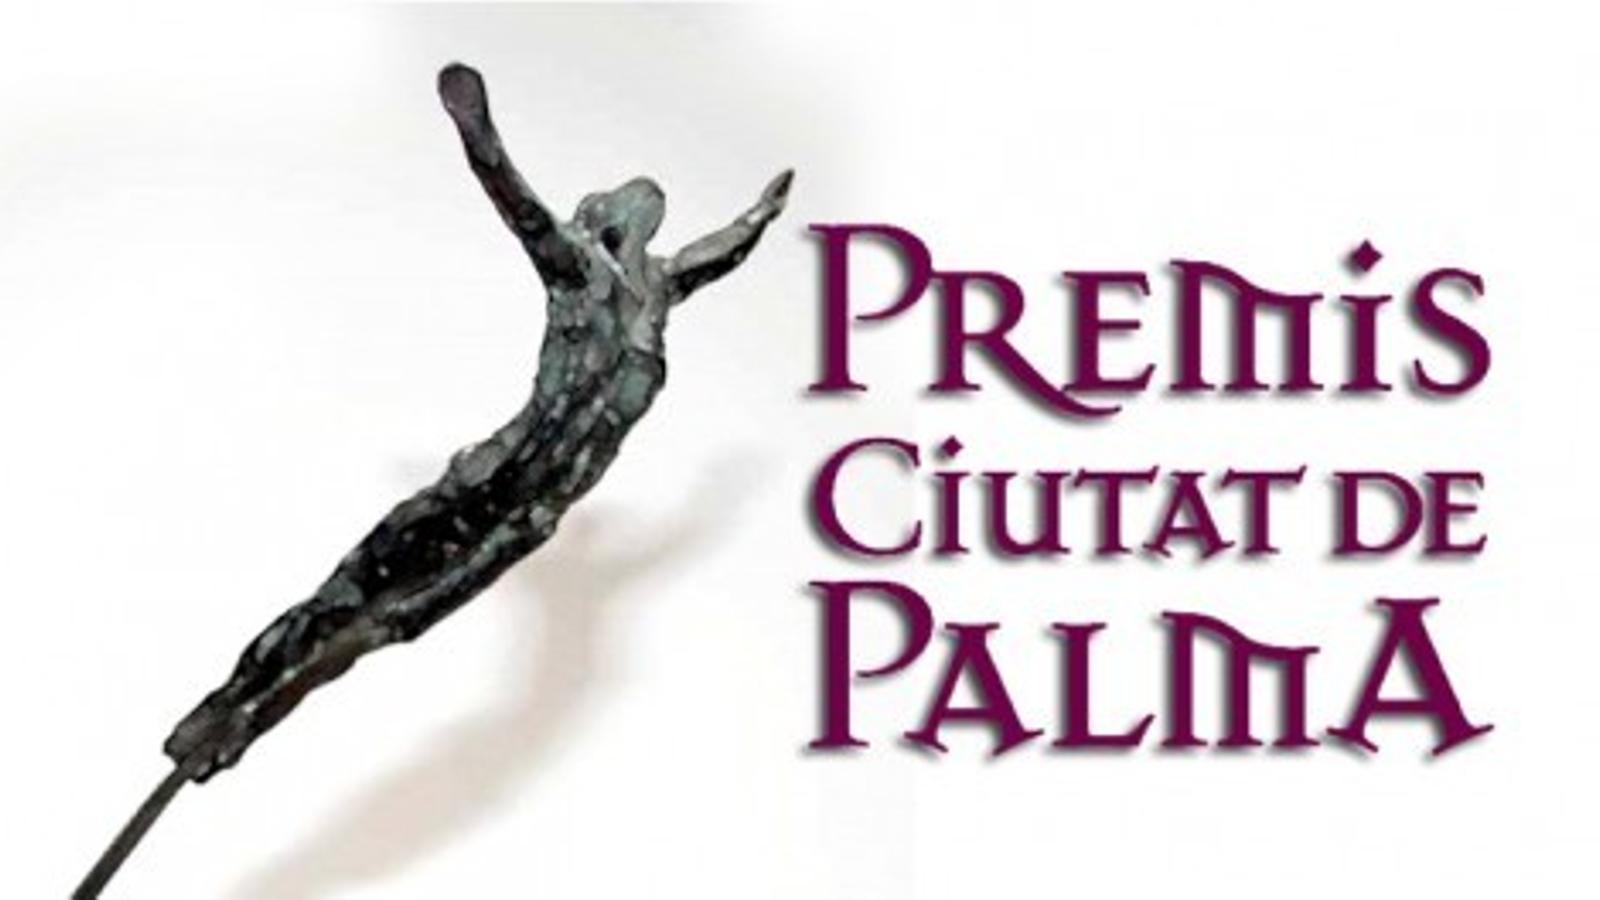 Emblema dels Premis Ciutat de Palma